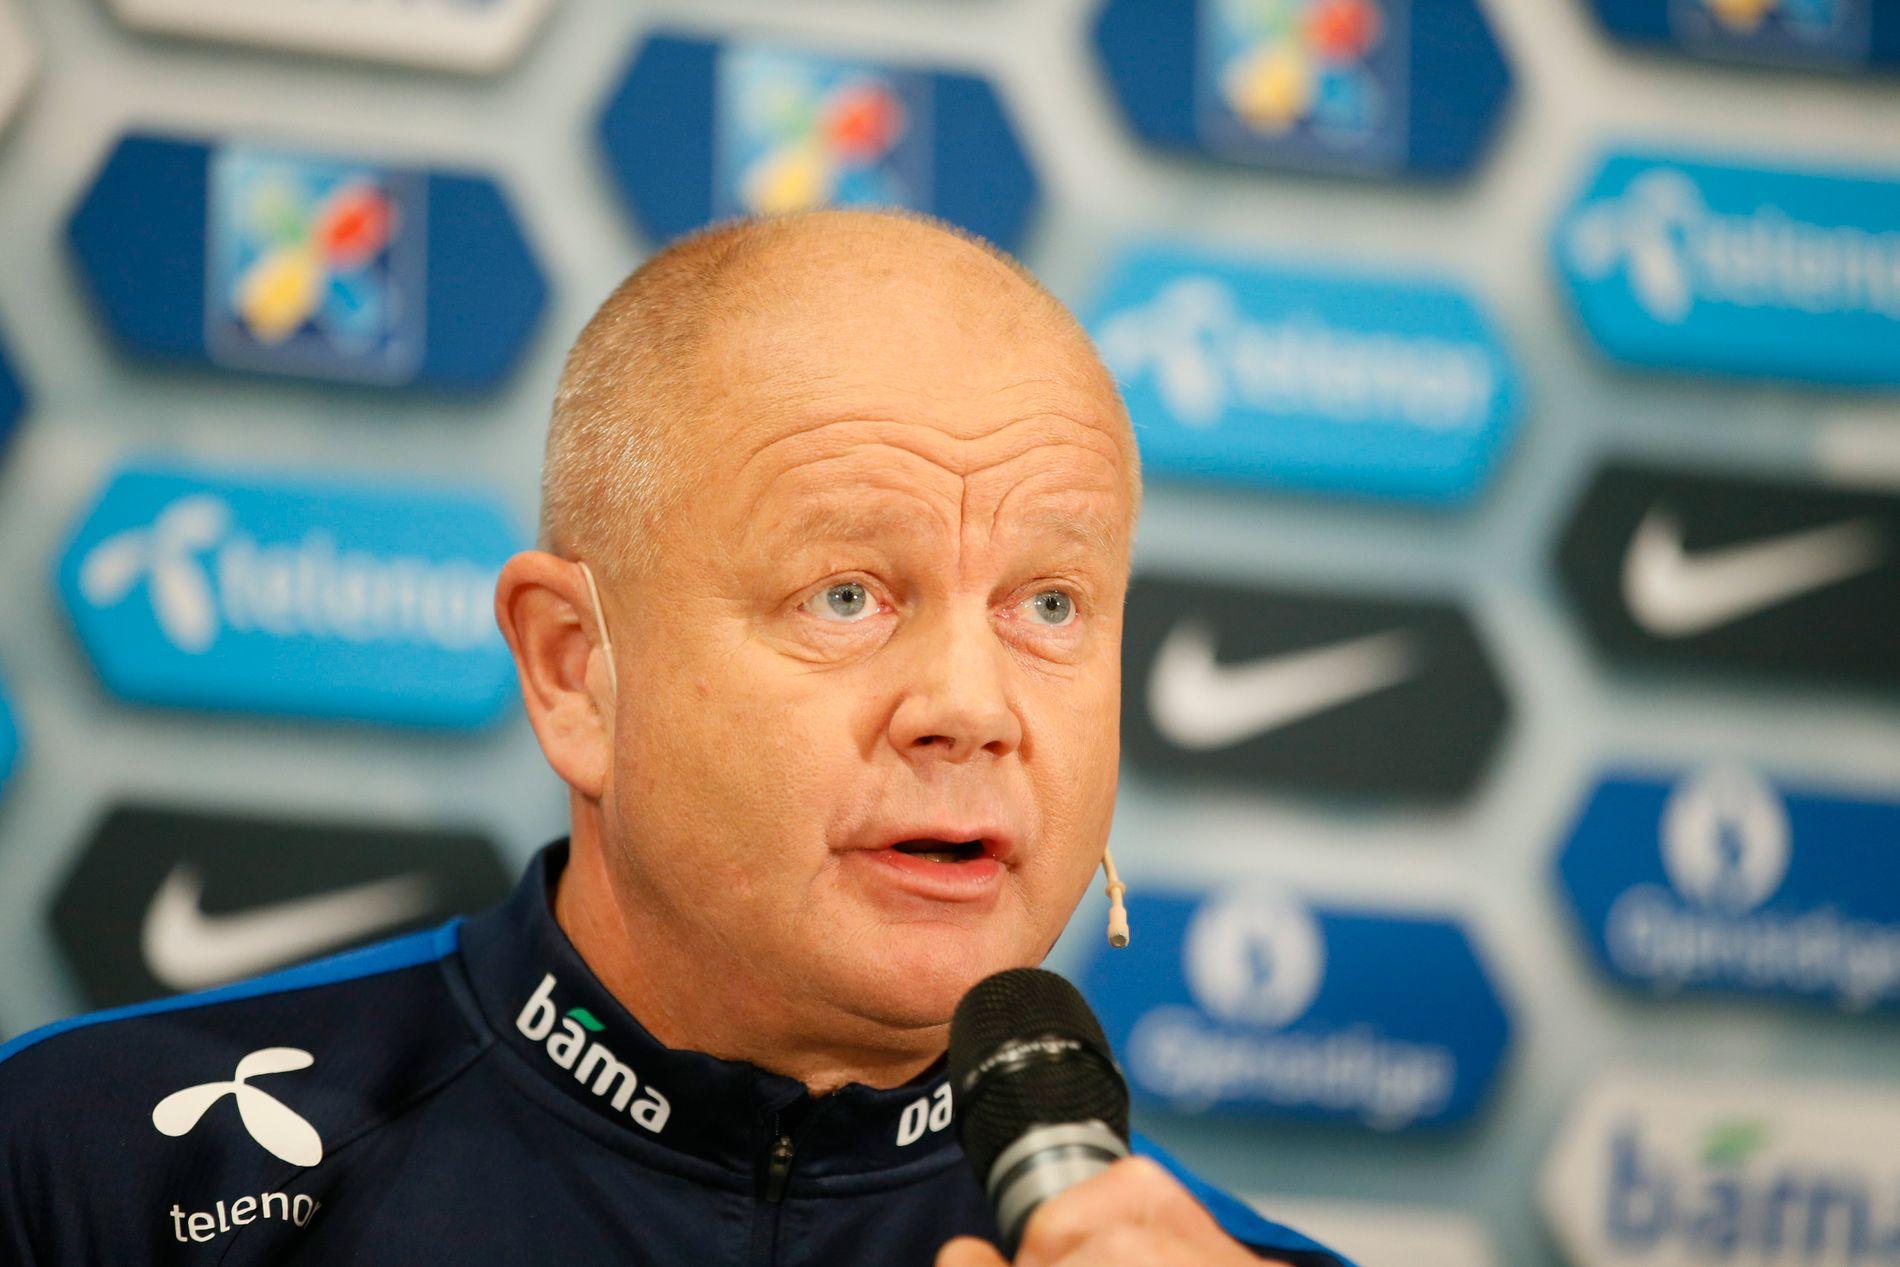 NYE MULIGHETER: Landslagssjef Per-Mathias Høgmo presenterer troppen til VM-kvalikkampene mot Aserbajdsjan 8. oktober og San Marino 11. oktober på Ullevaal.